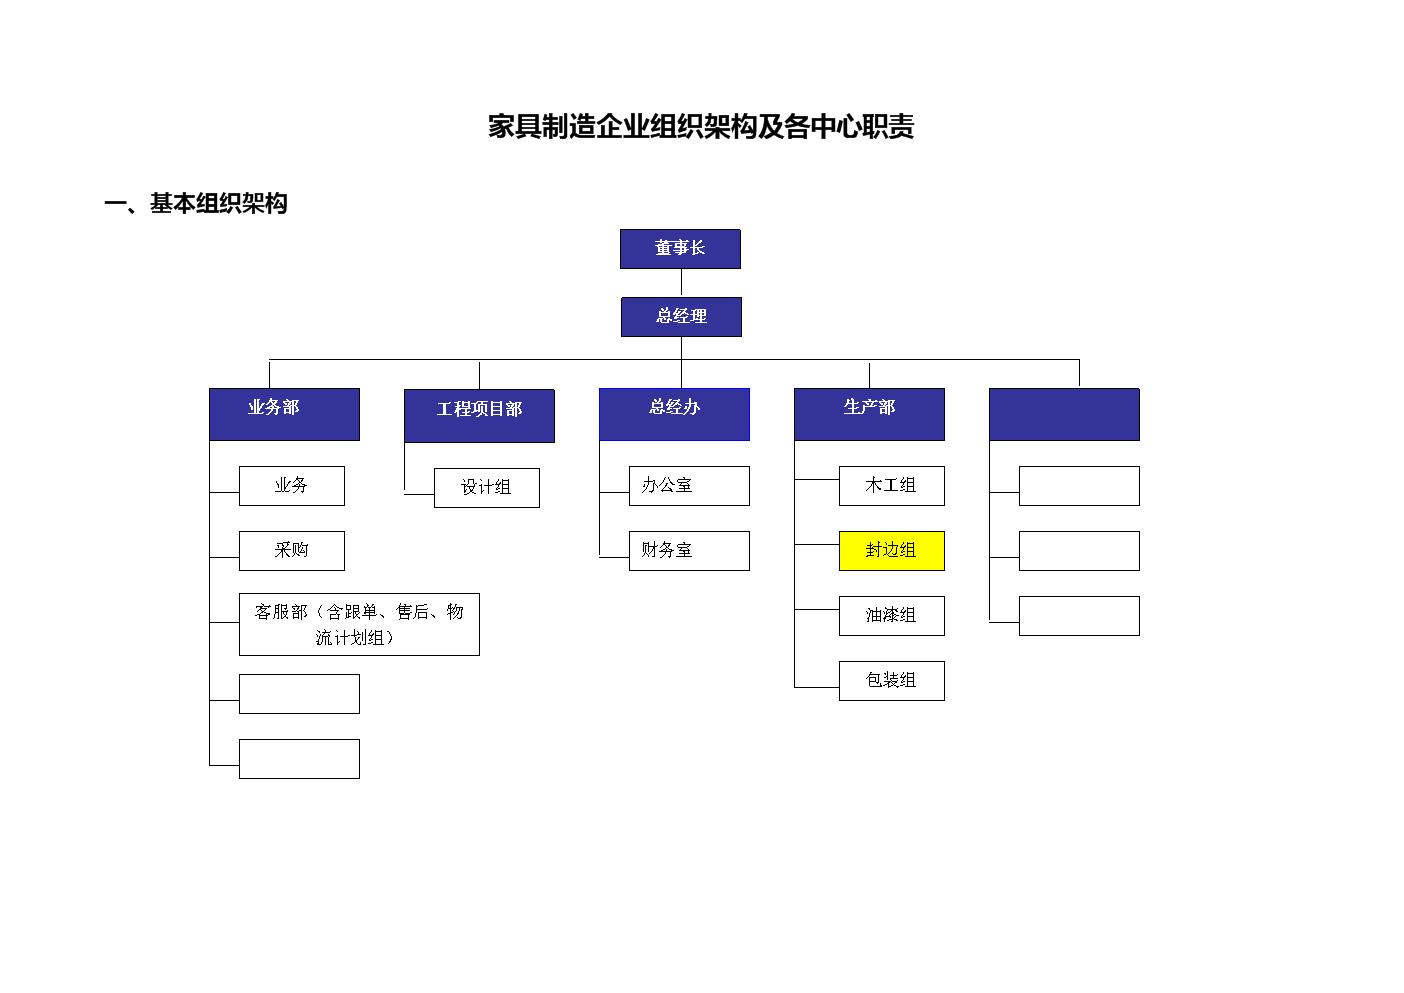 组织架构与各中心海报.doc跆拳道职责设计素材图片